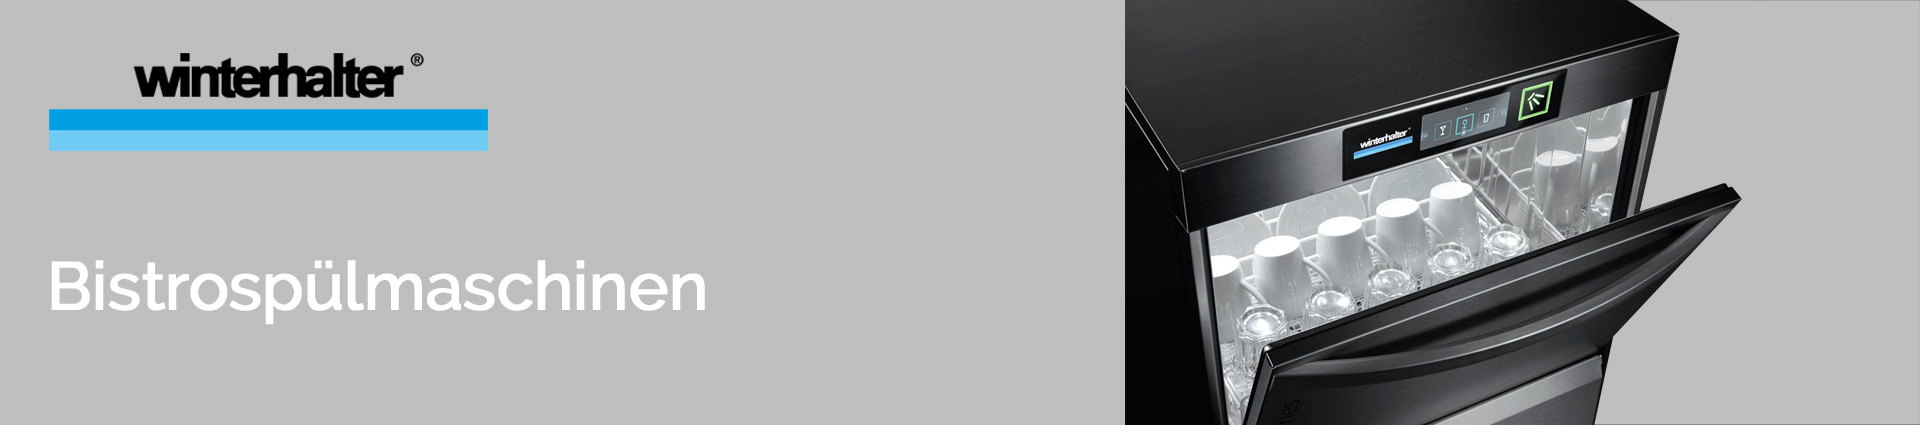 Winterhalter Bistrospülmaschinen Banner